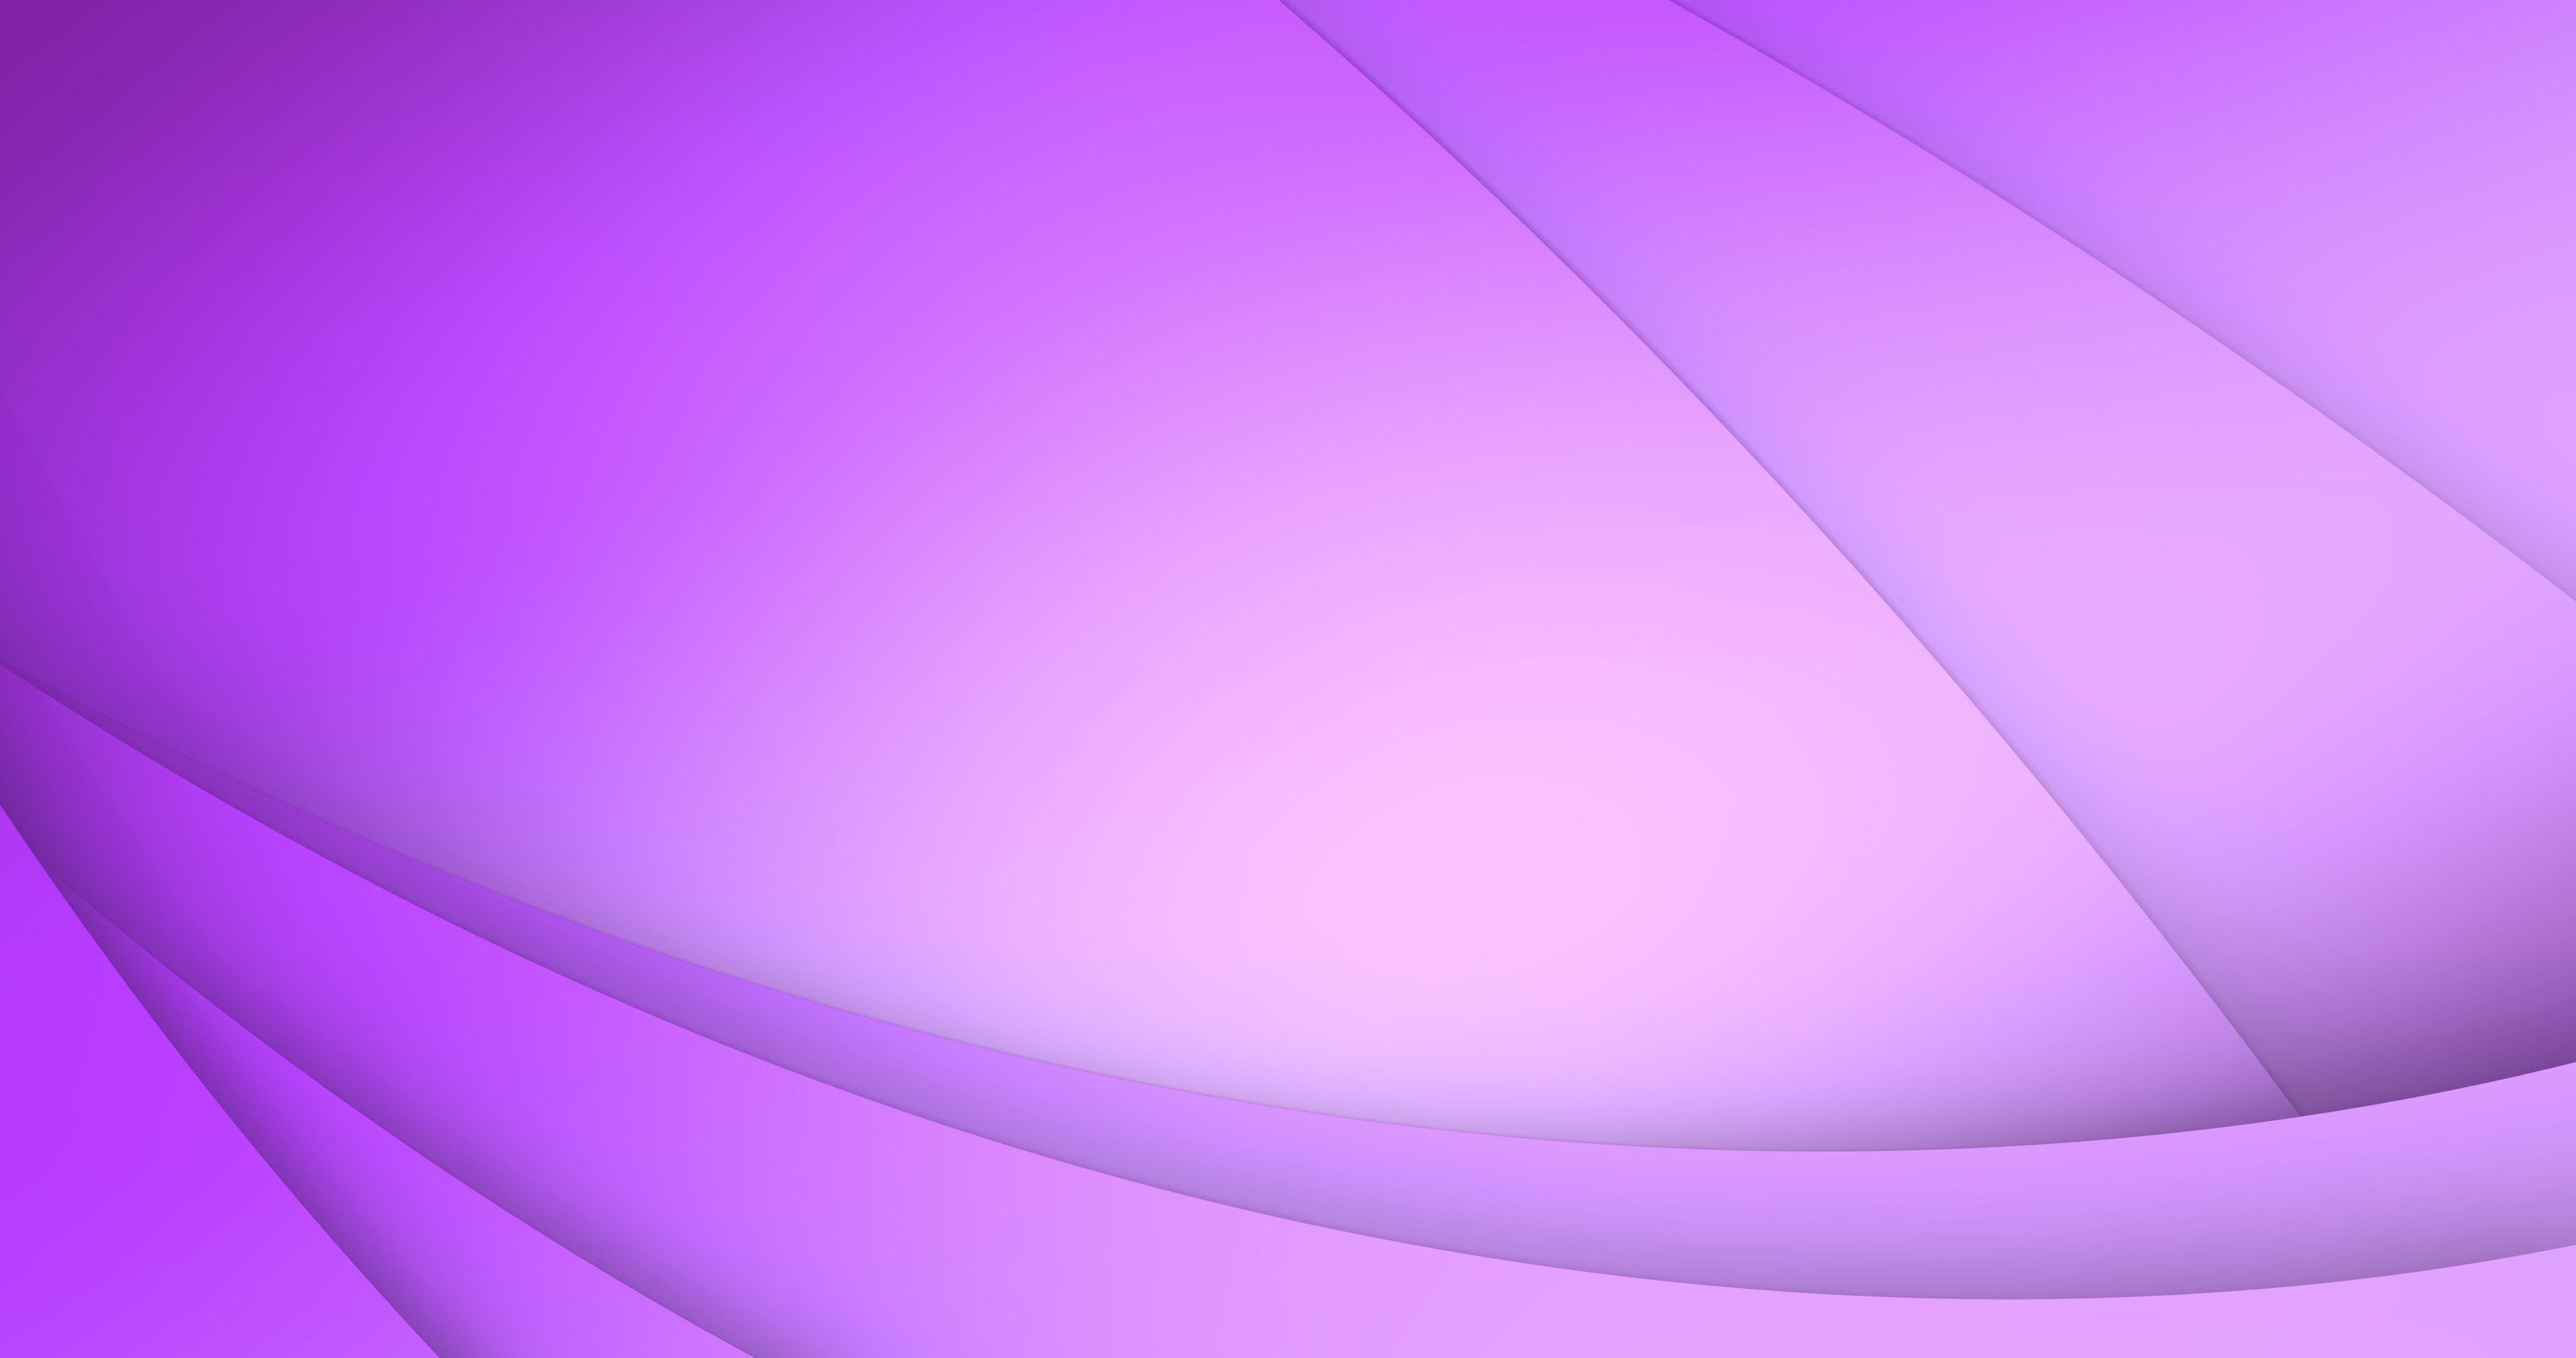 Ultra HD Wallpapers 4K WallPics4K Free Desktop Backgrounds